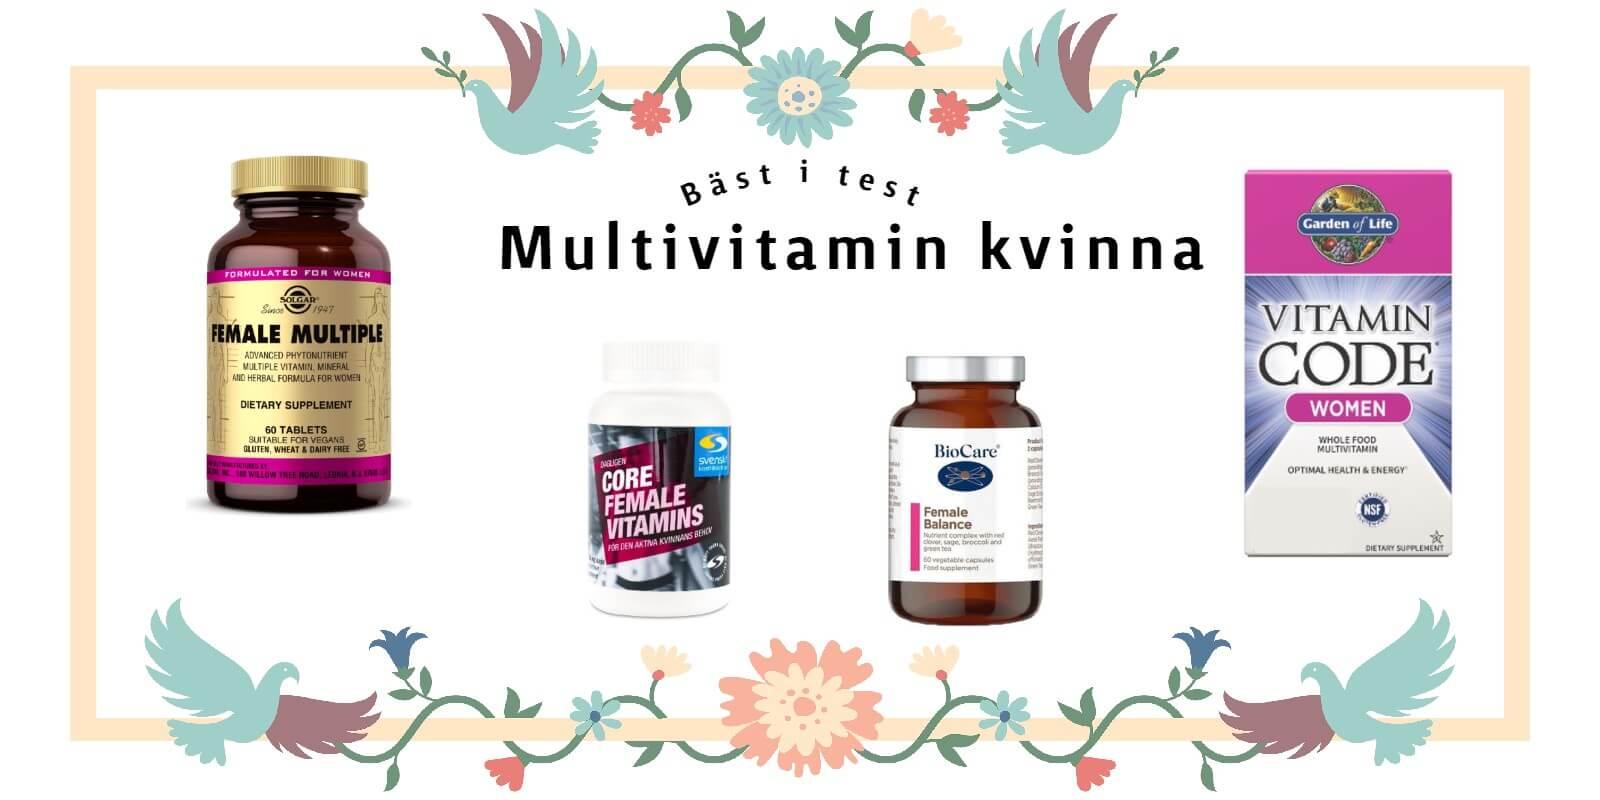 bäst i test Multivitamin kvinna